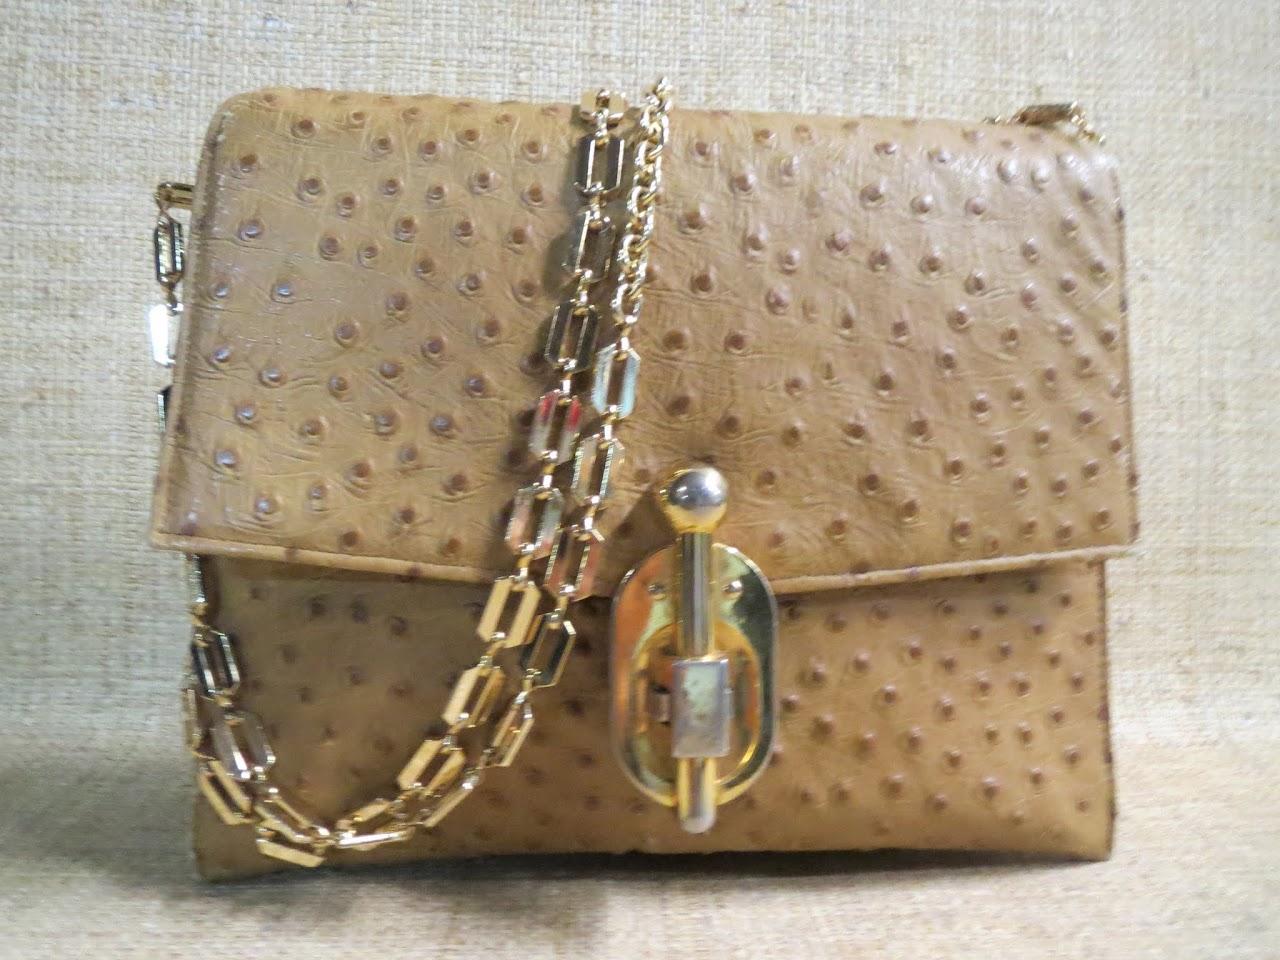 Vintage Lederer Shoulder Bag